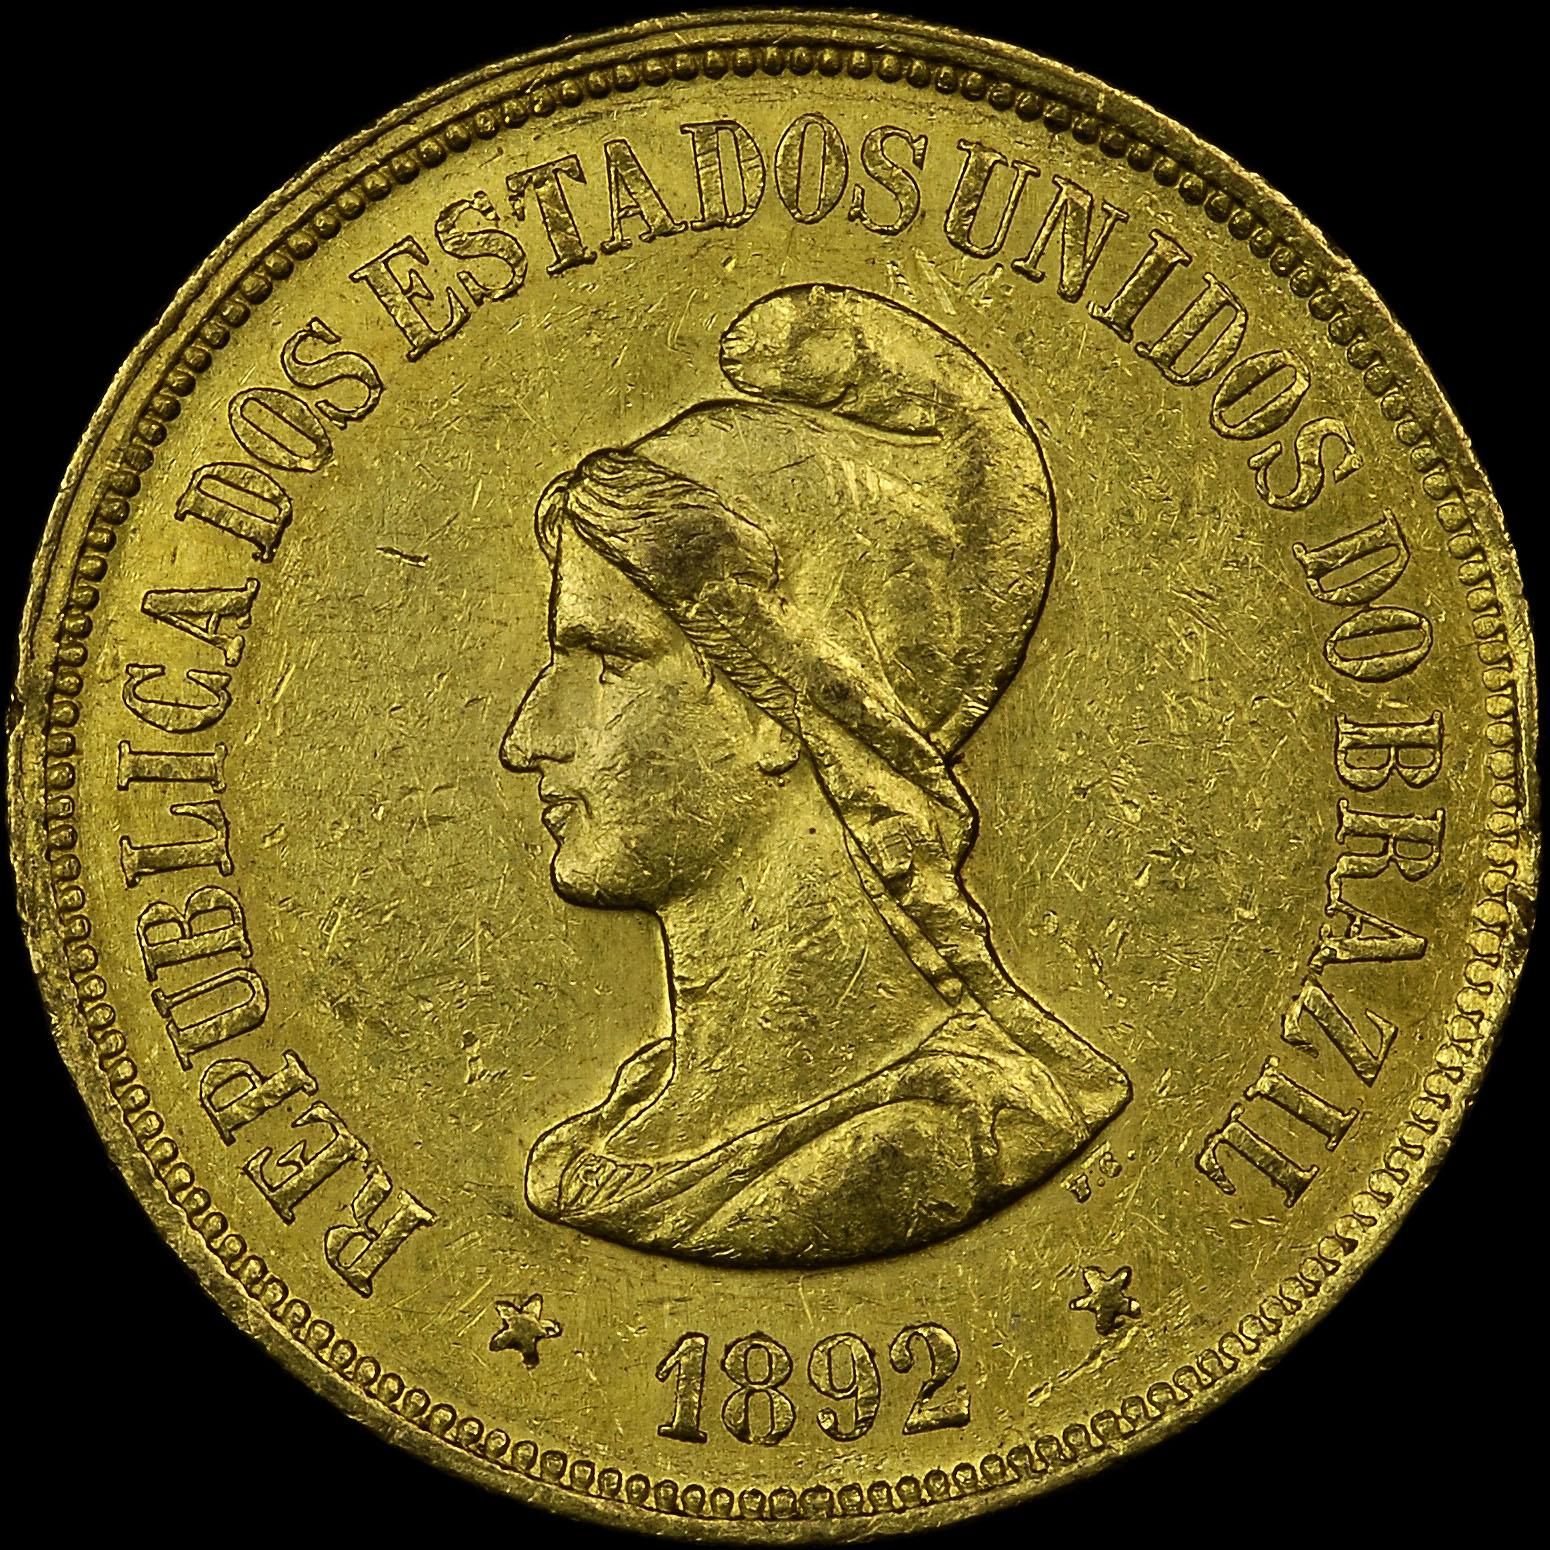 1889-1922 Brazil 20000 Reis obverse